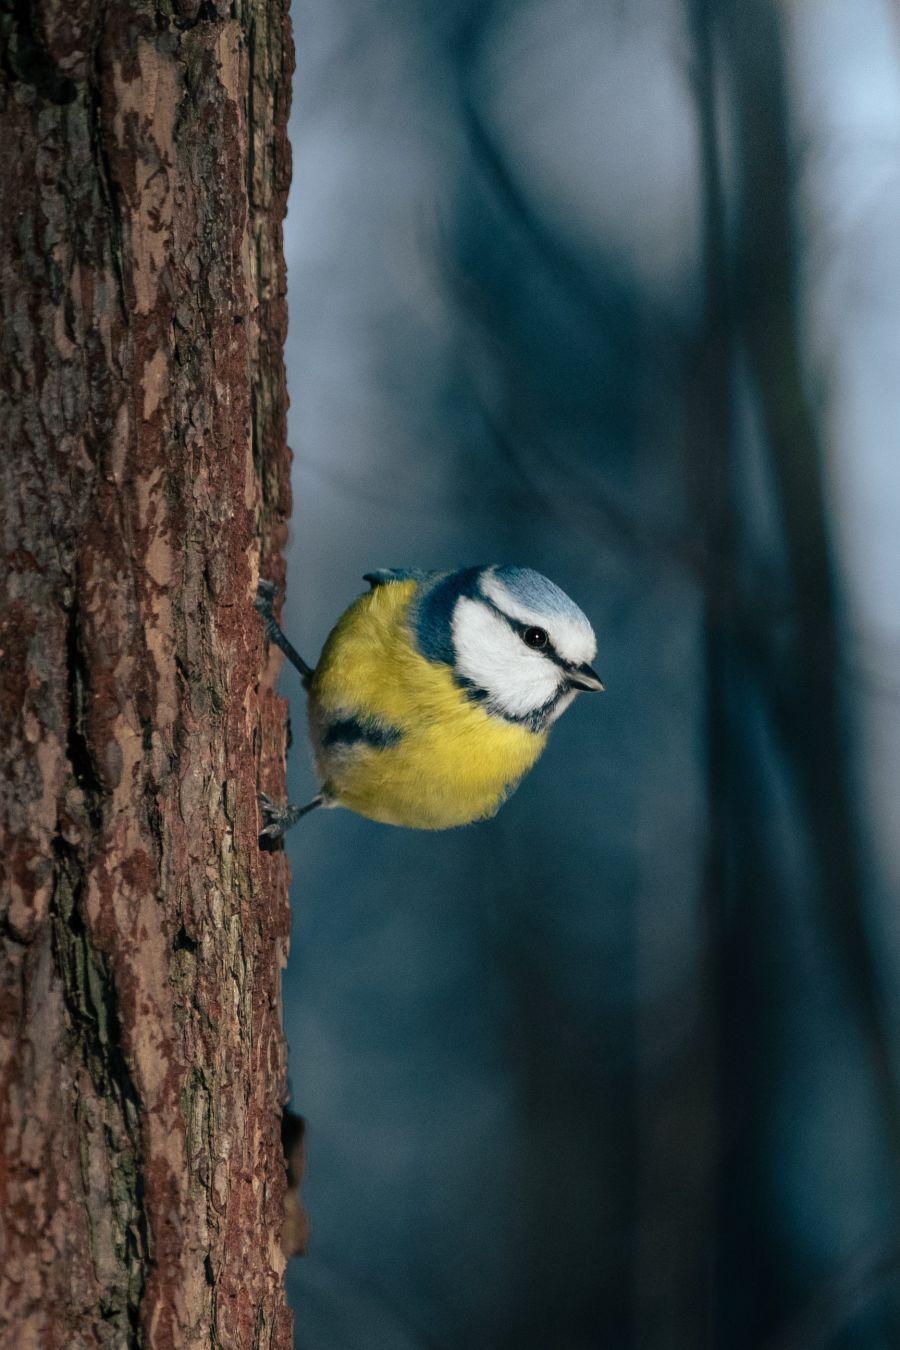 Sinitiainen kiinni puussa sivuttain